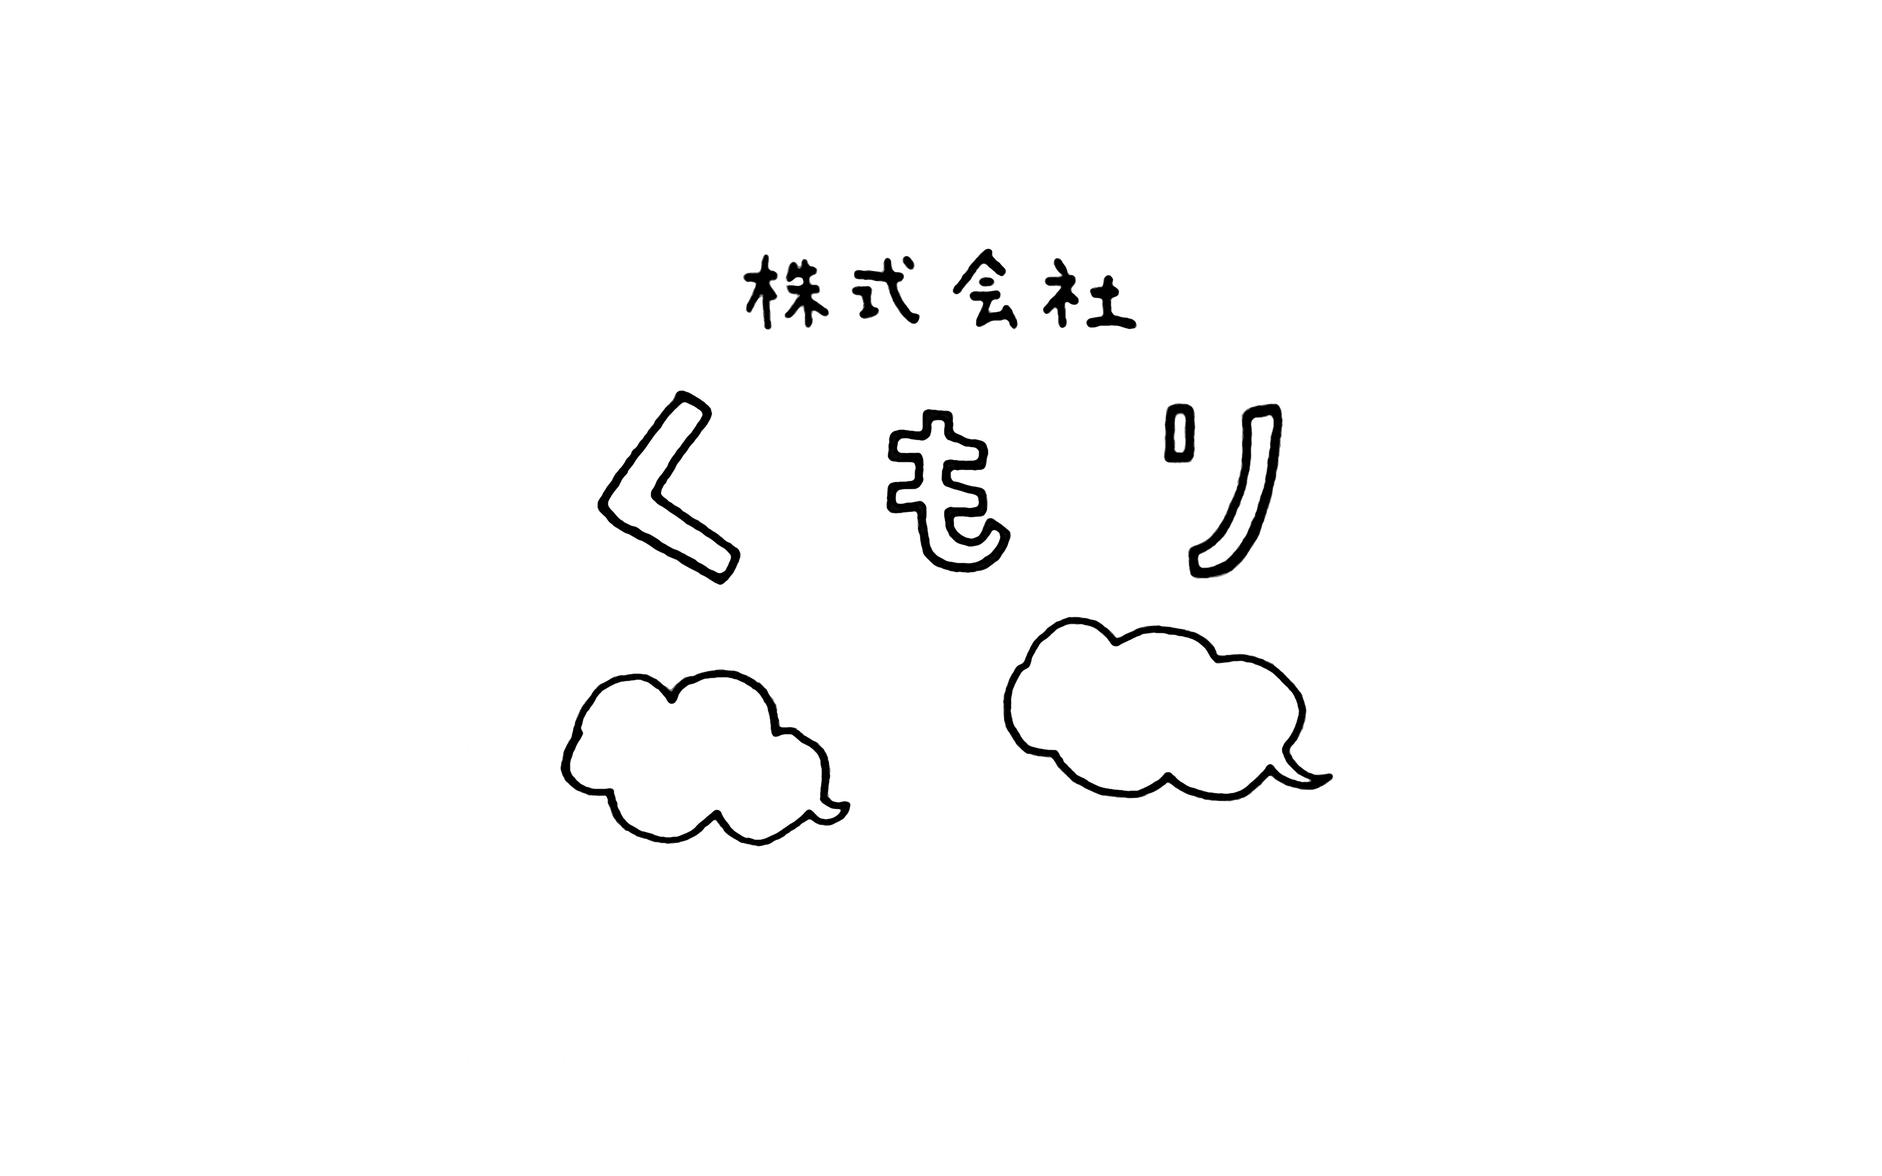 株式会社くもり ロゴ